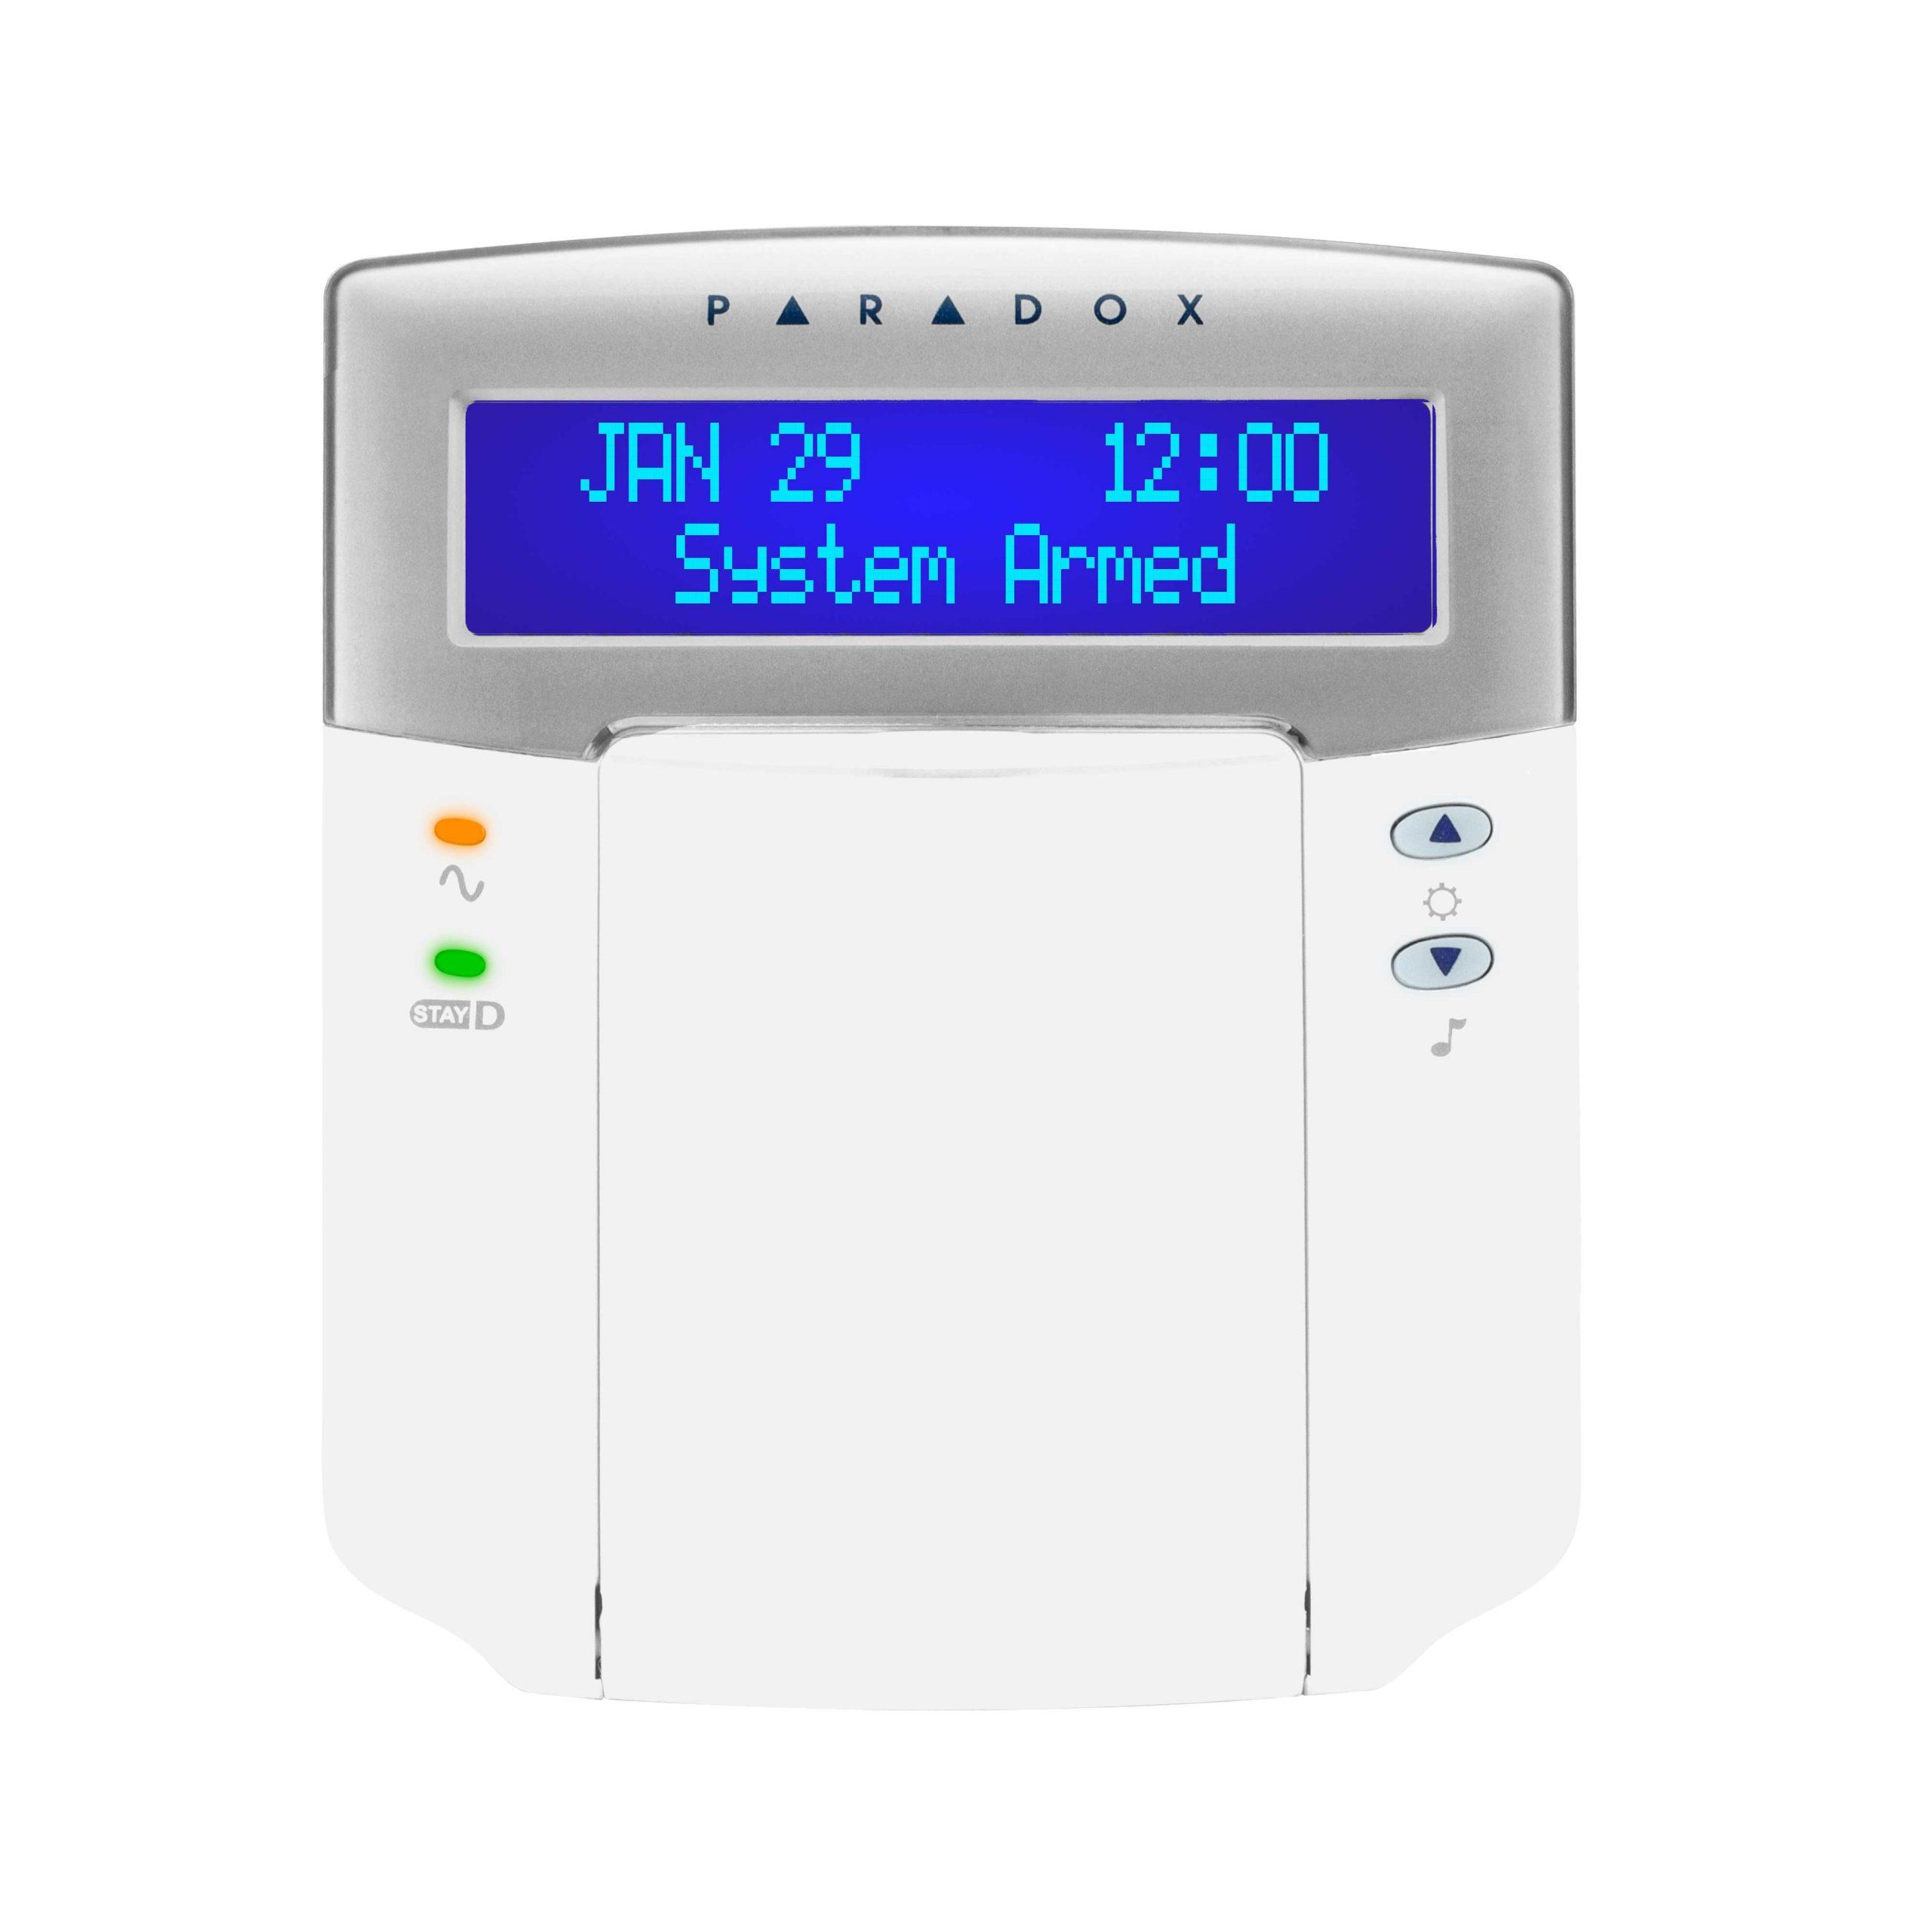 ماژول صفحه کلید LCD Hardwired LCDمدل K32LCD + 32- پارادوکس